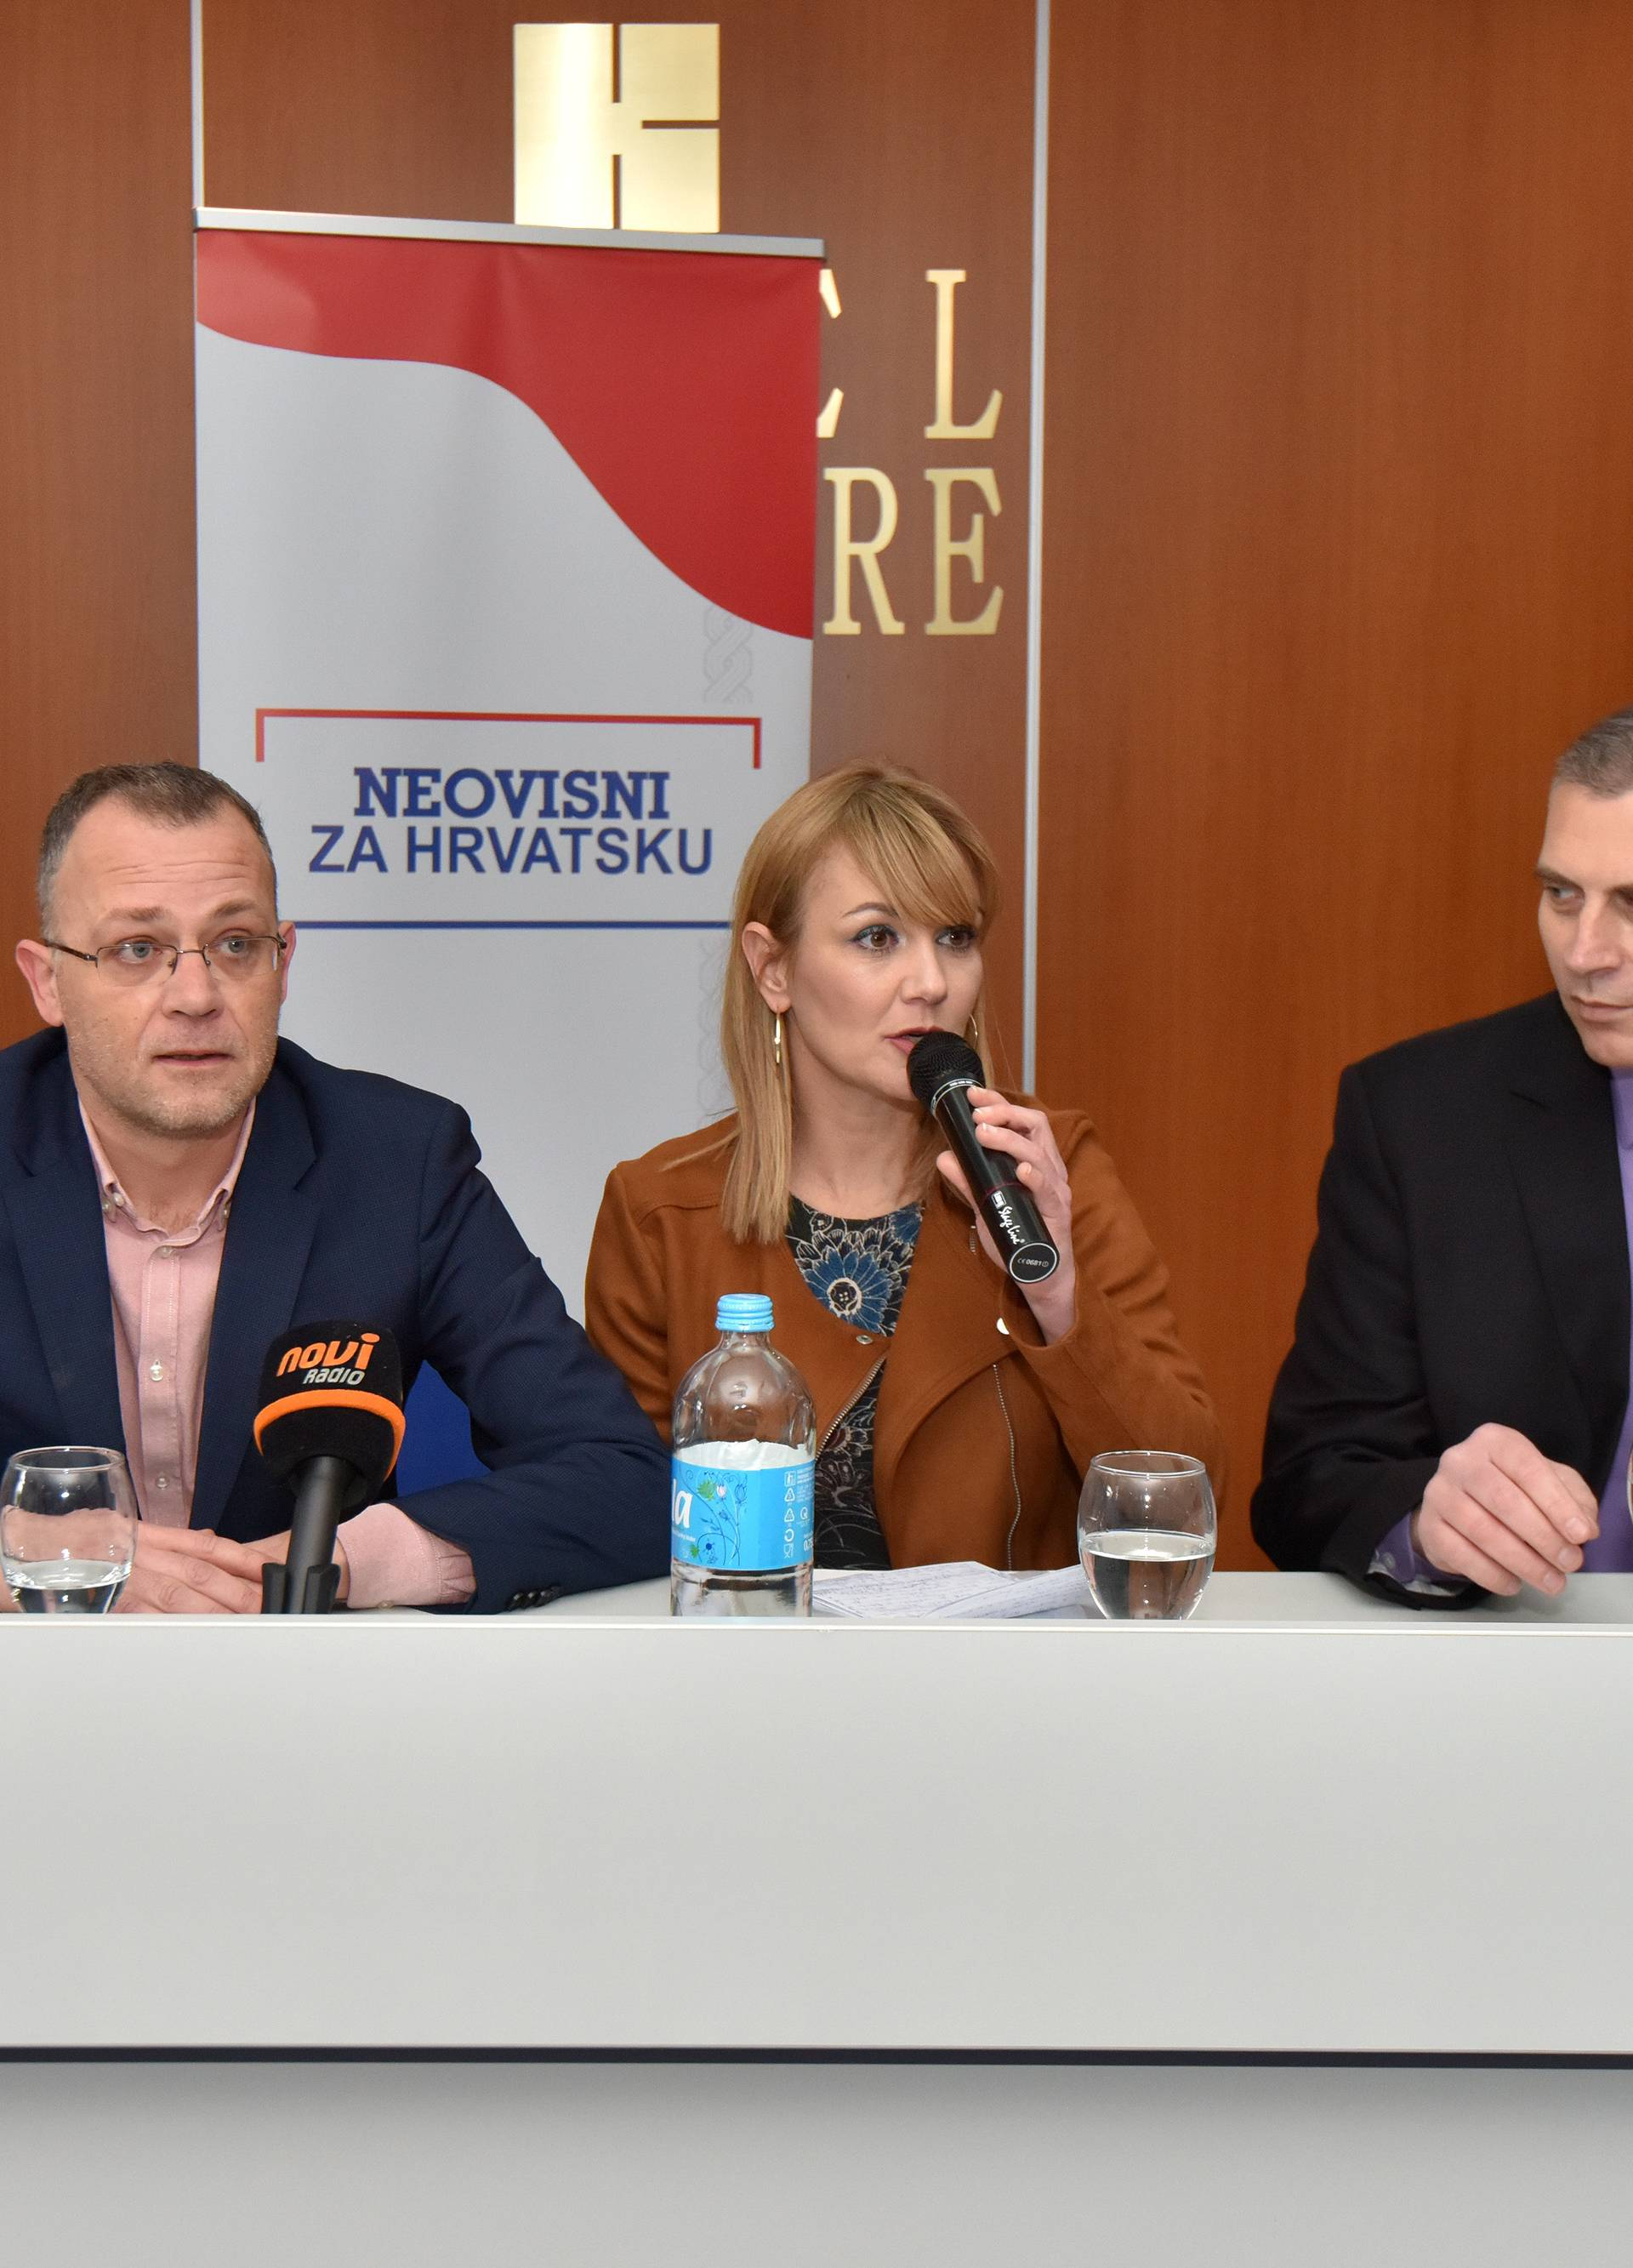 'Neovisni za Hrvatsku izdali ideale koji su im kao svetinja'